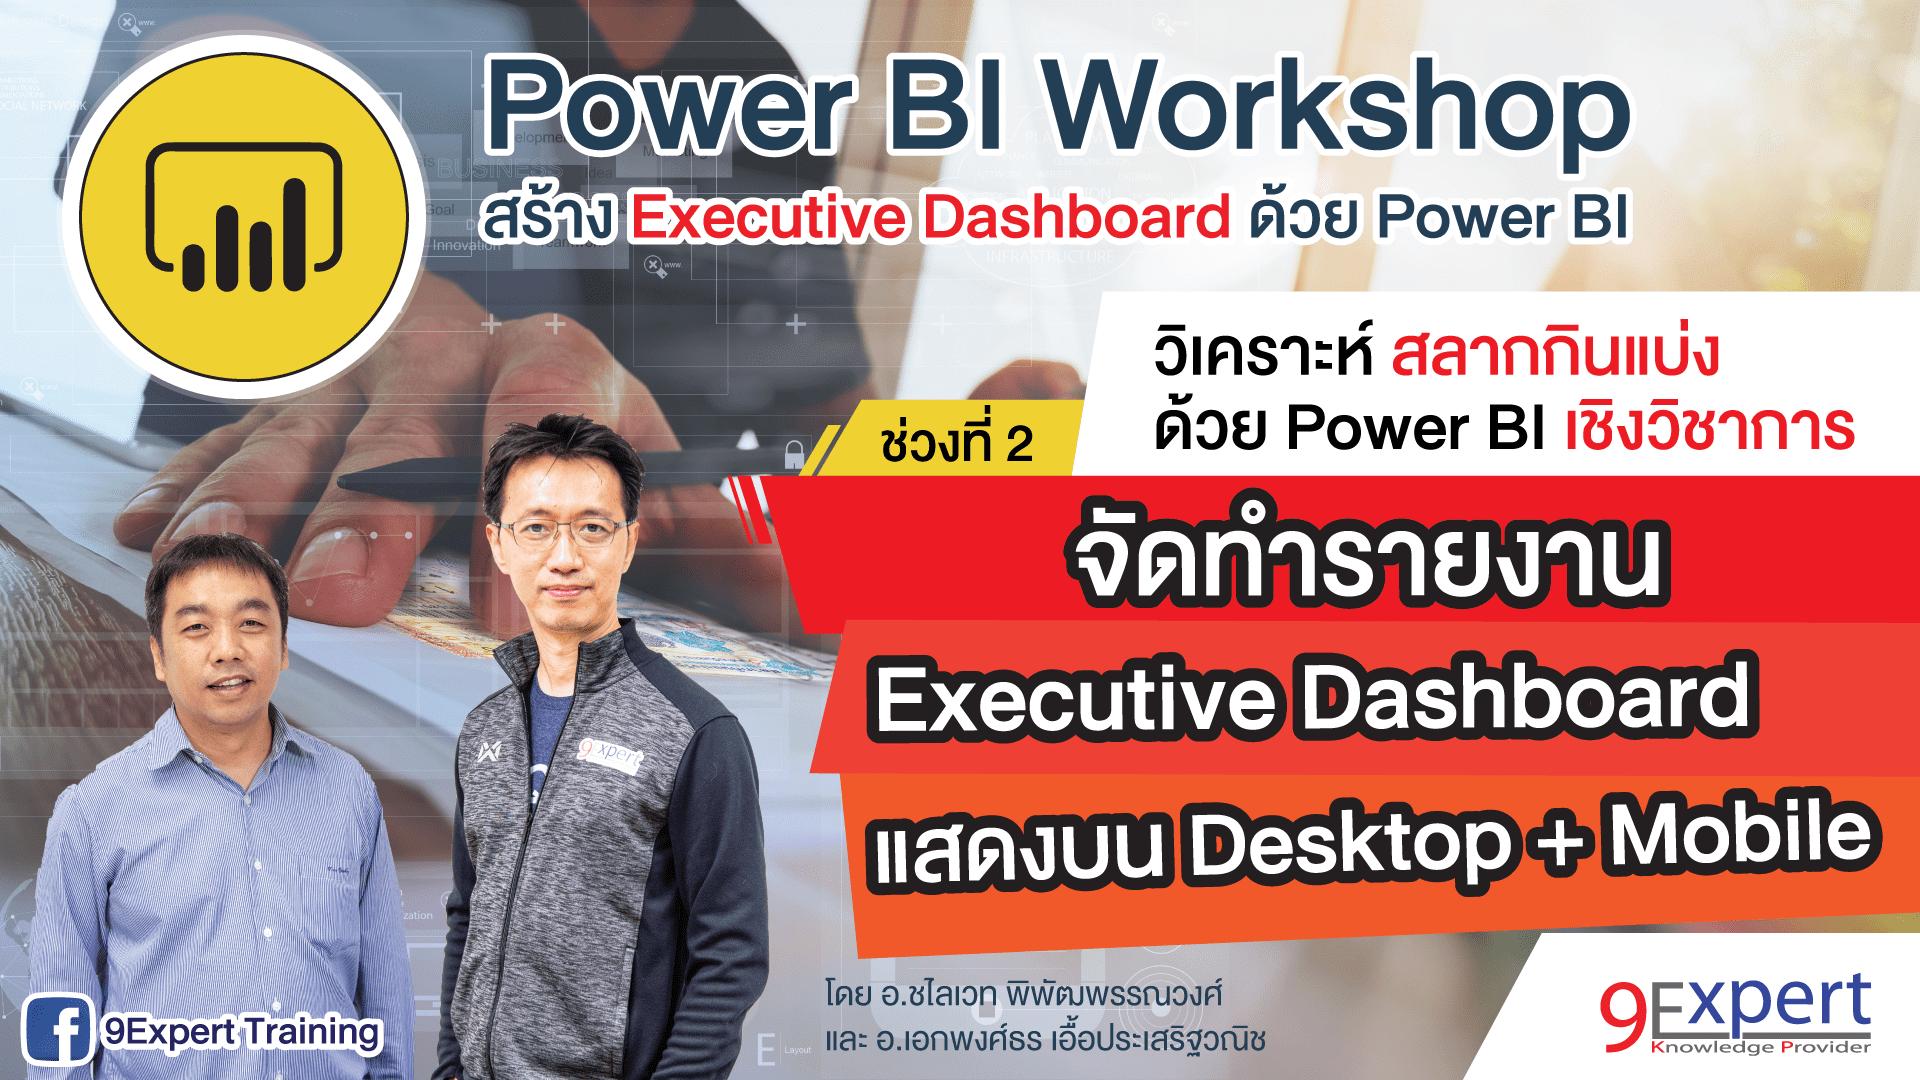 Power BI เพื่อวิเคราะห์สลากกินแบ่ง (เชิงวิชาการ) นำเสนอเป็น Executive Dashboard